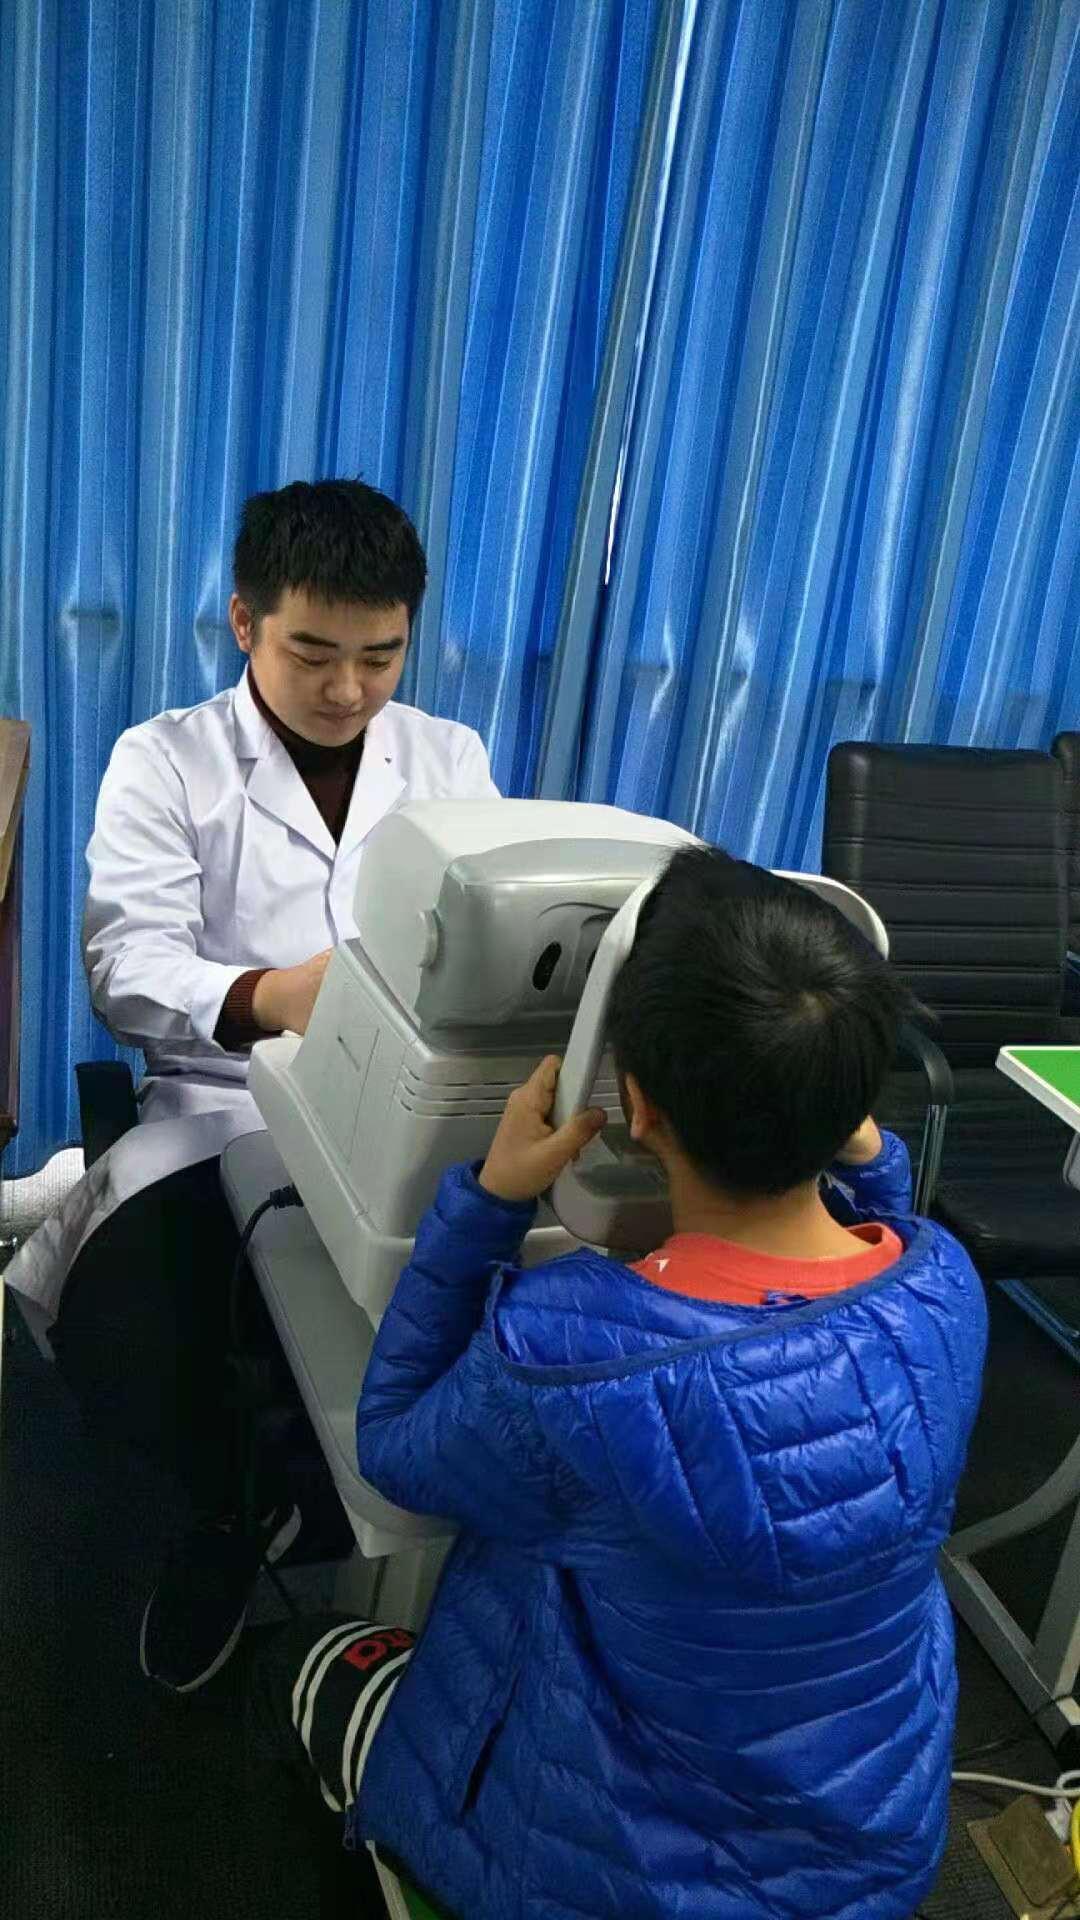 近视治疗加盟 近视加盟选亮睛睛生物科技